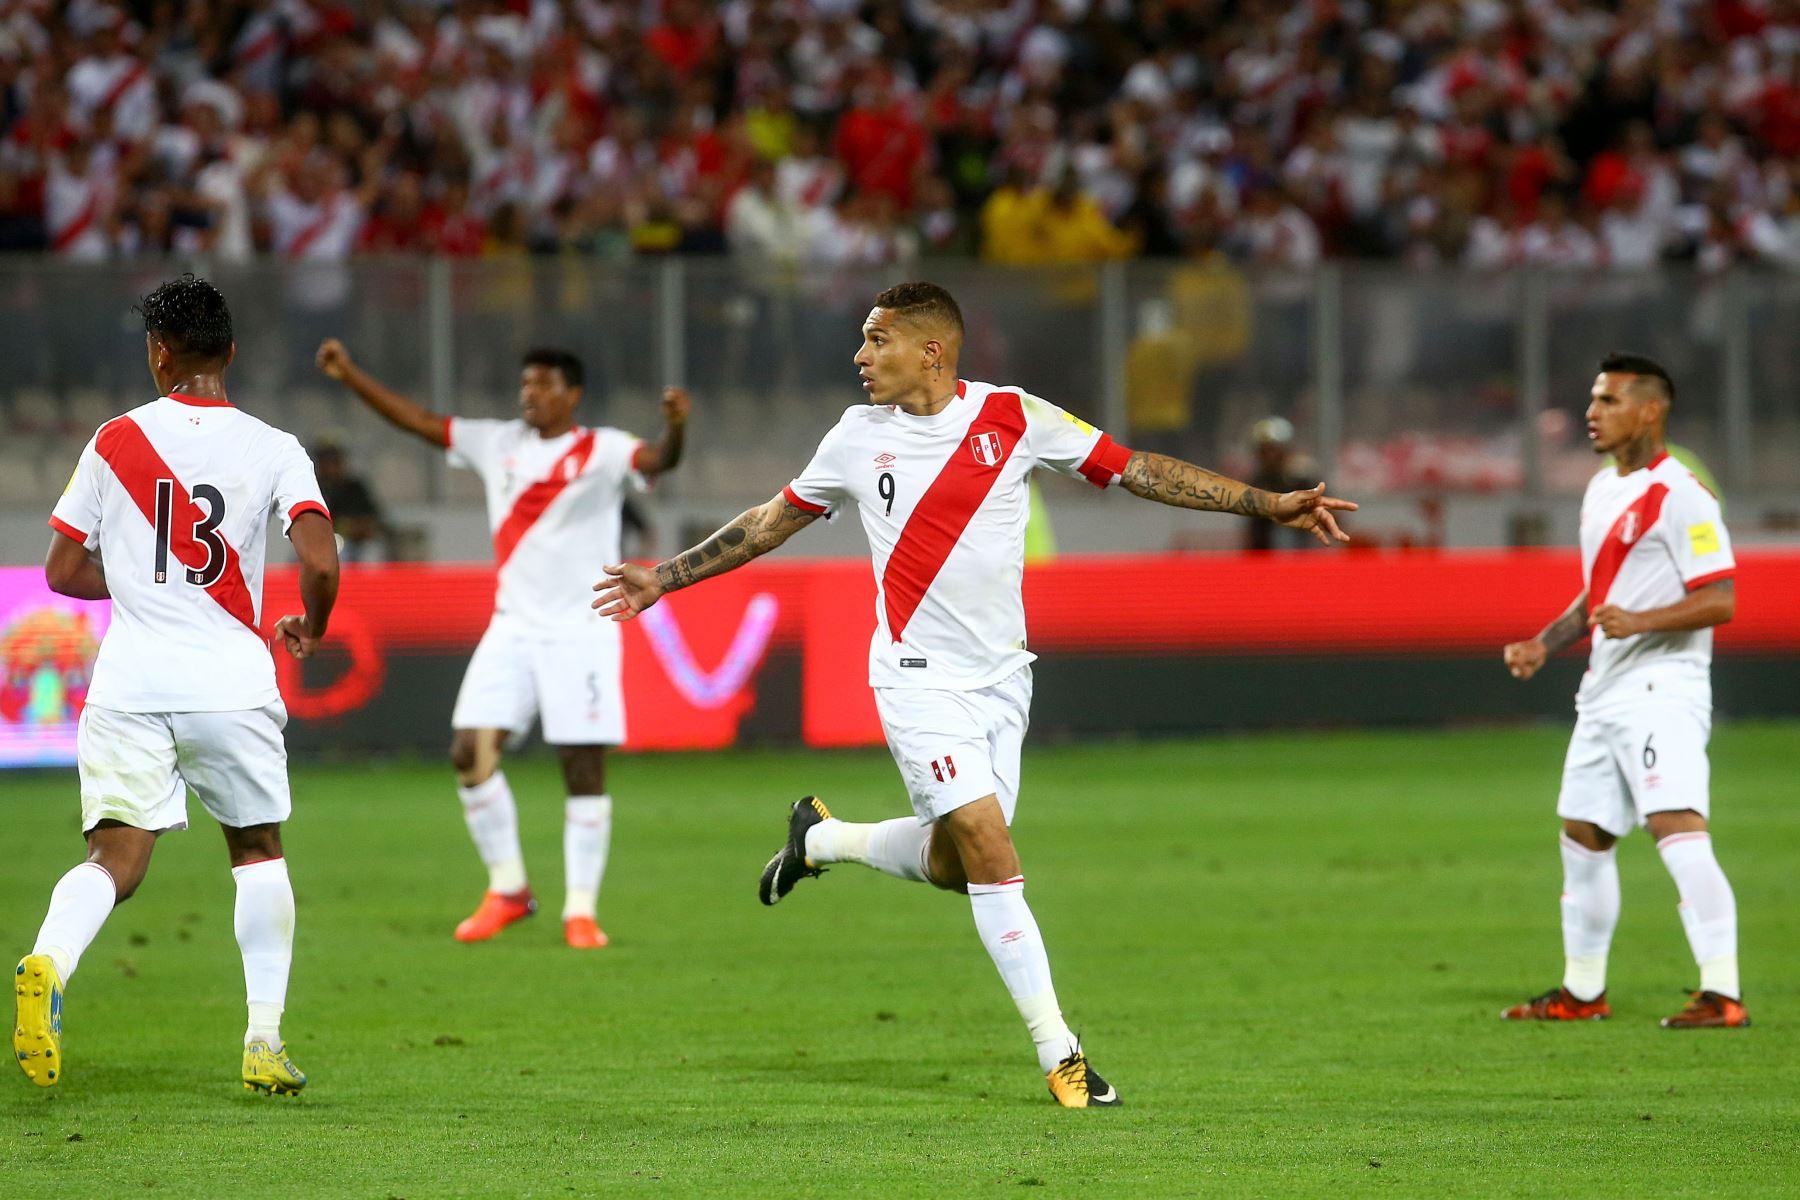 Selección peruana de fútbol. ANDINA/Luis Iparraguirre